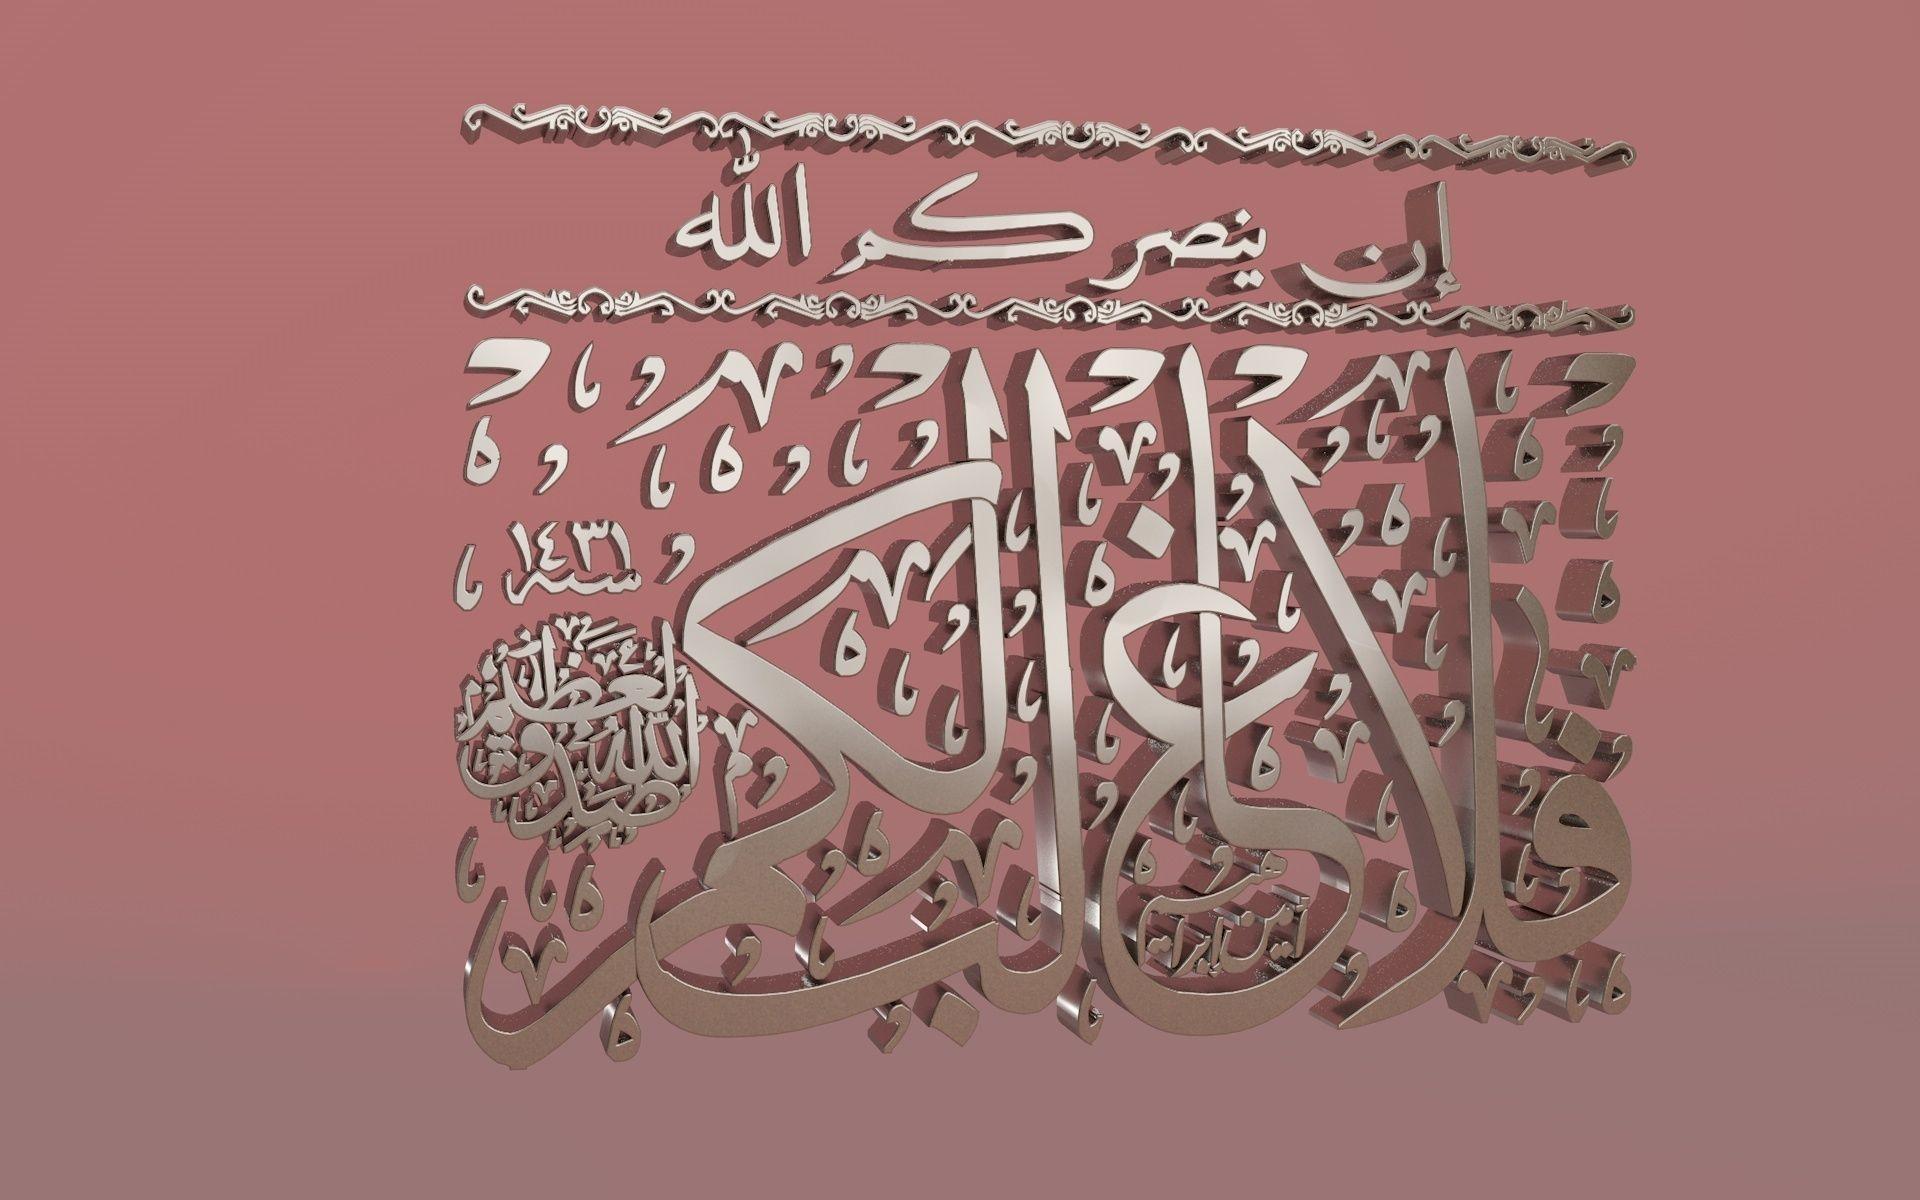 Quran manuscript